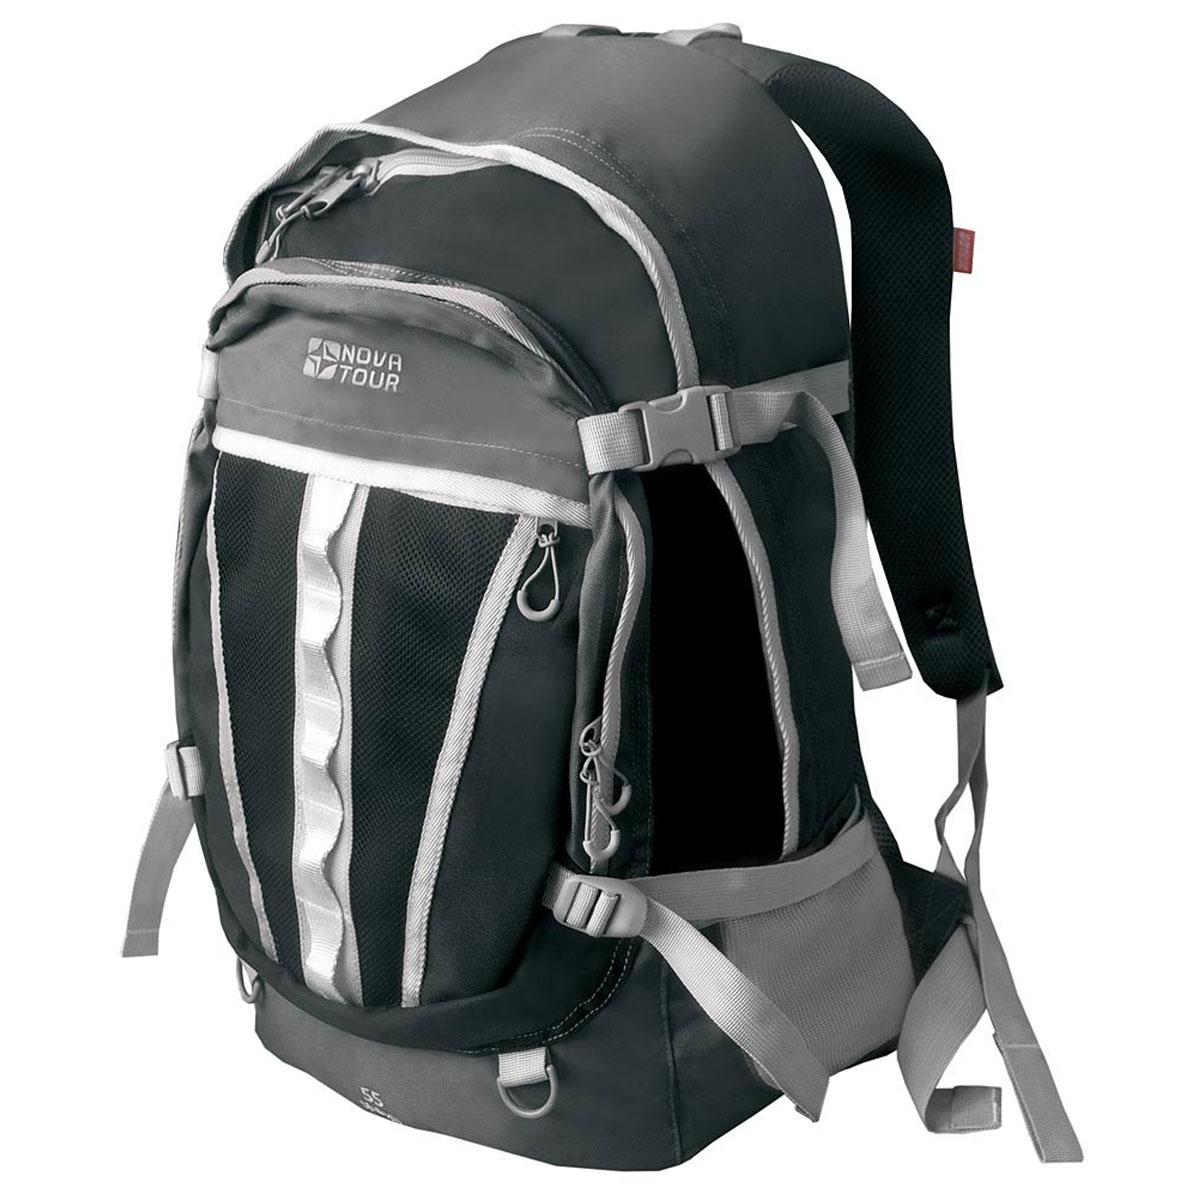 Рюкзак городской Nova Tour Слалом 55 V2, цвет: черный. 95138-902-00RD-418-1/4Если все, что нужно ежедневно носить с собой, не помещается в обычный рюкзак, то Слалом 55 V2 специально для вас. Два вместительных отделения можно уменьшить боковыми стяжками или наоборот, если что-то не поместилось внутри, навесить снаружи на узлы крепления. Для удобства переноски тяжелого груза, на спинке предусмотрена удобная система подушек Air Mesh с полностью отстегивающимся поясным ремнем.Особенности:Прочная ткань с непромокаемой пропиткой.Сетчатый материал, отводящий влагу от вашего тела. Применяется на лямках, спинках и поясе рюкзака.Грудная стяжка для правильной фиксации лямок рюкзака и предотвращения их соскальзывания.Органайзер позволяет рационально разместить мелкие вещи внутри рюкзака.Объем: 55 л.